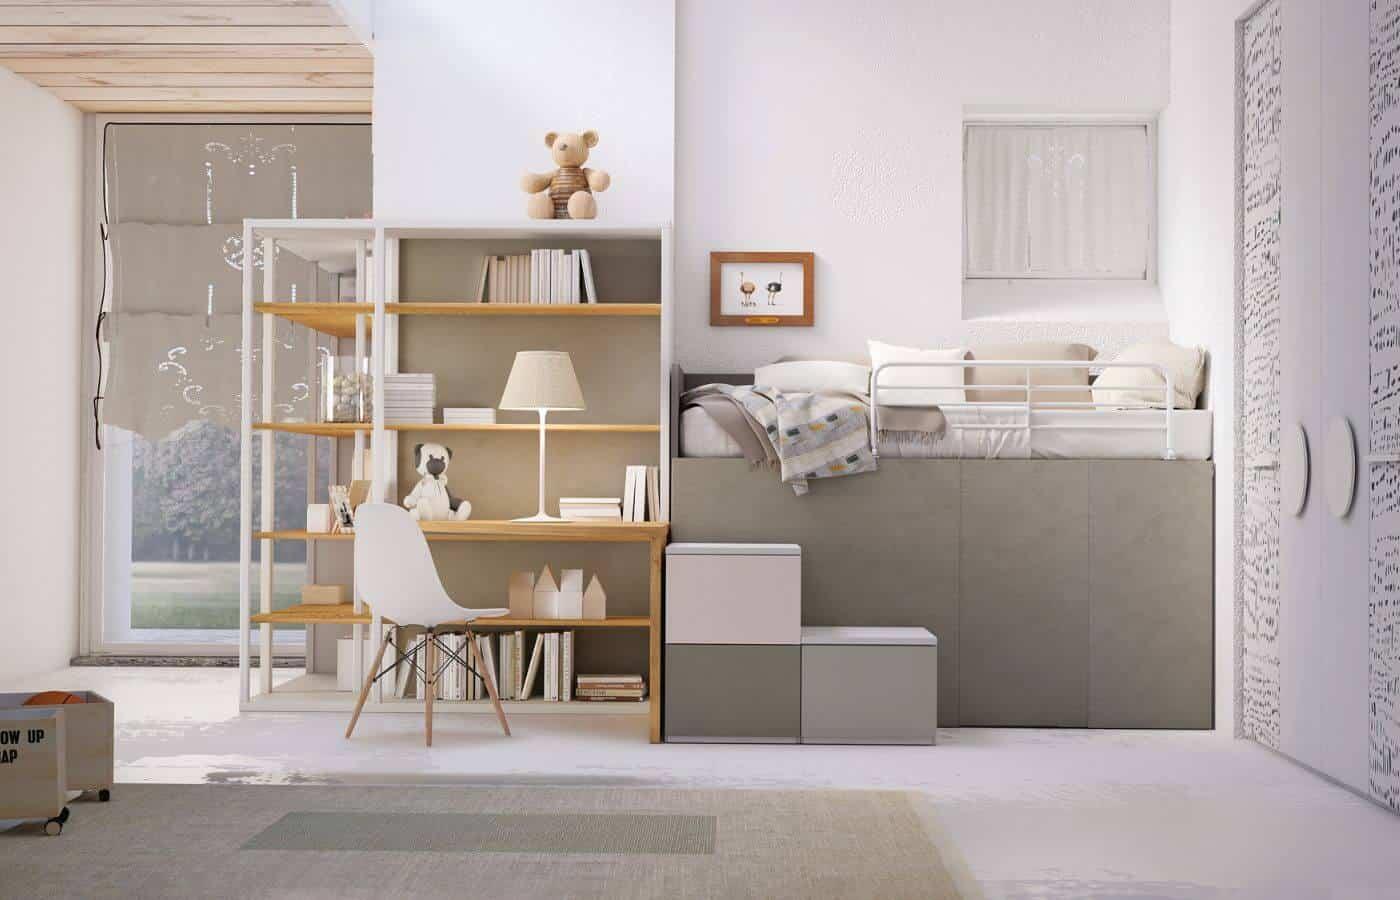 cameretta-scrivania-sagomata-libreria-pali-collezione-ibiscus-il-mobile